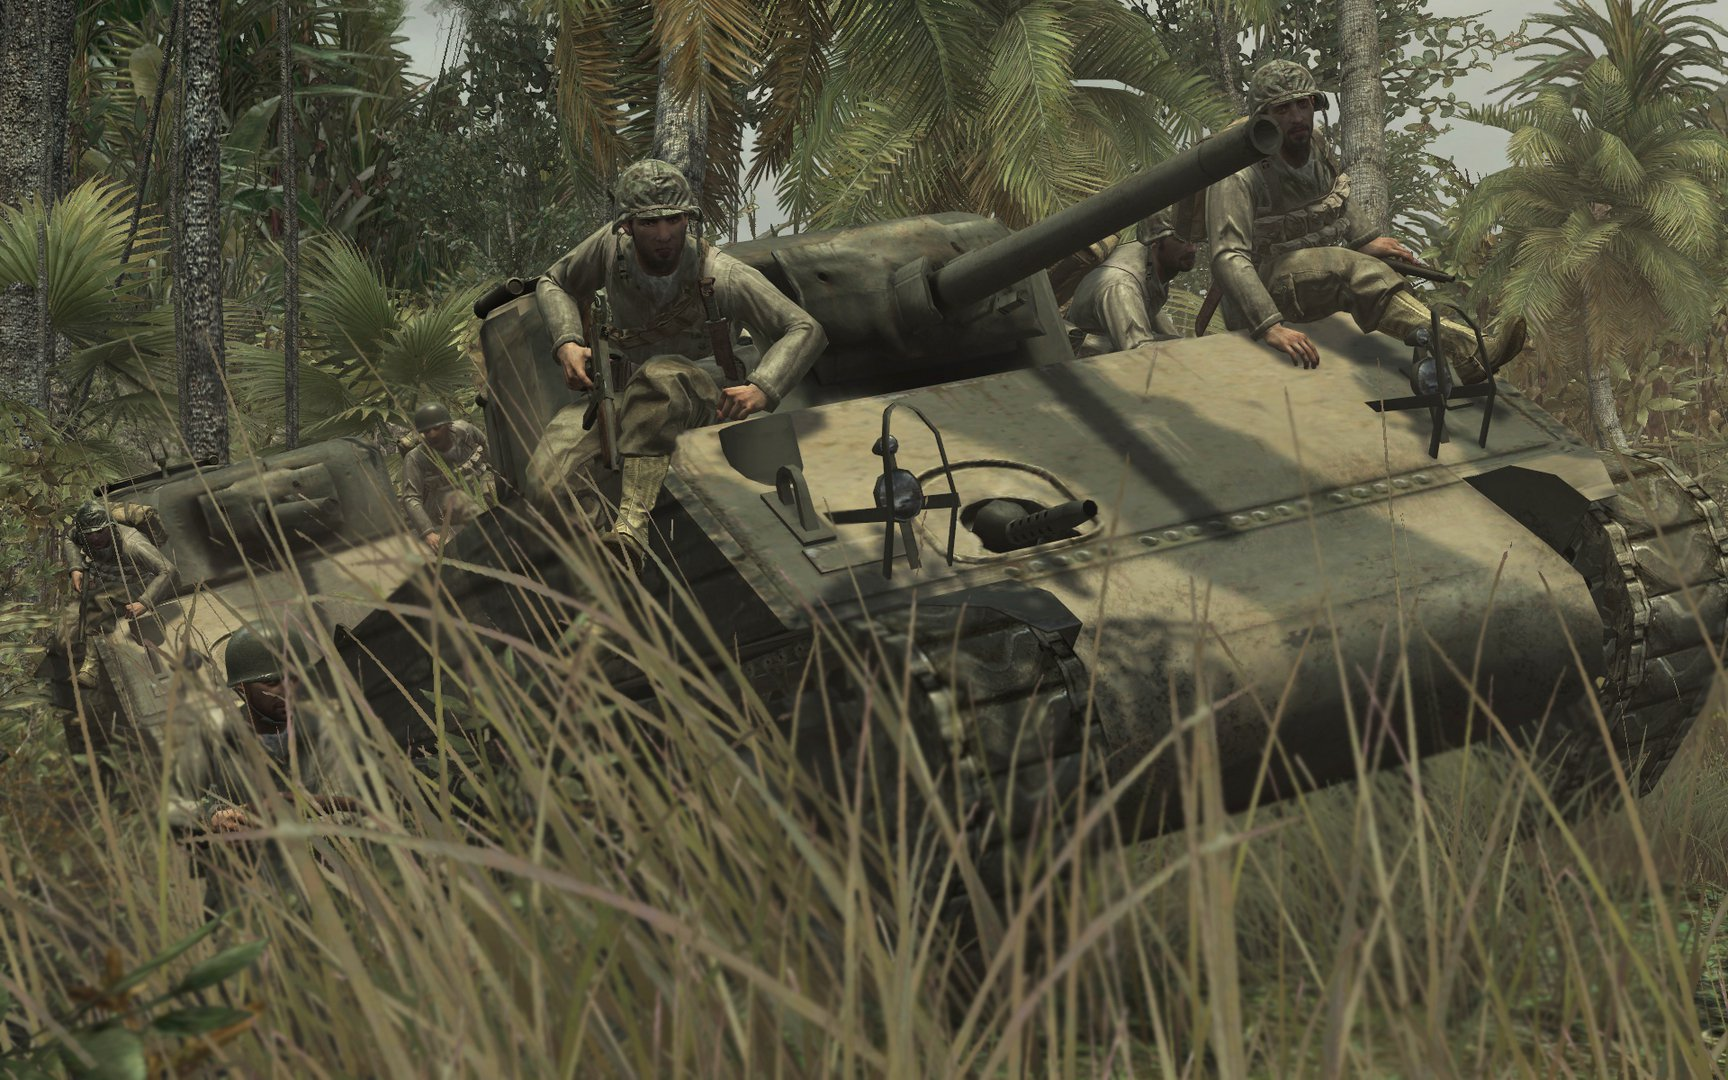 Call of Duty 5 World at War 4